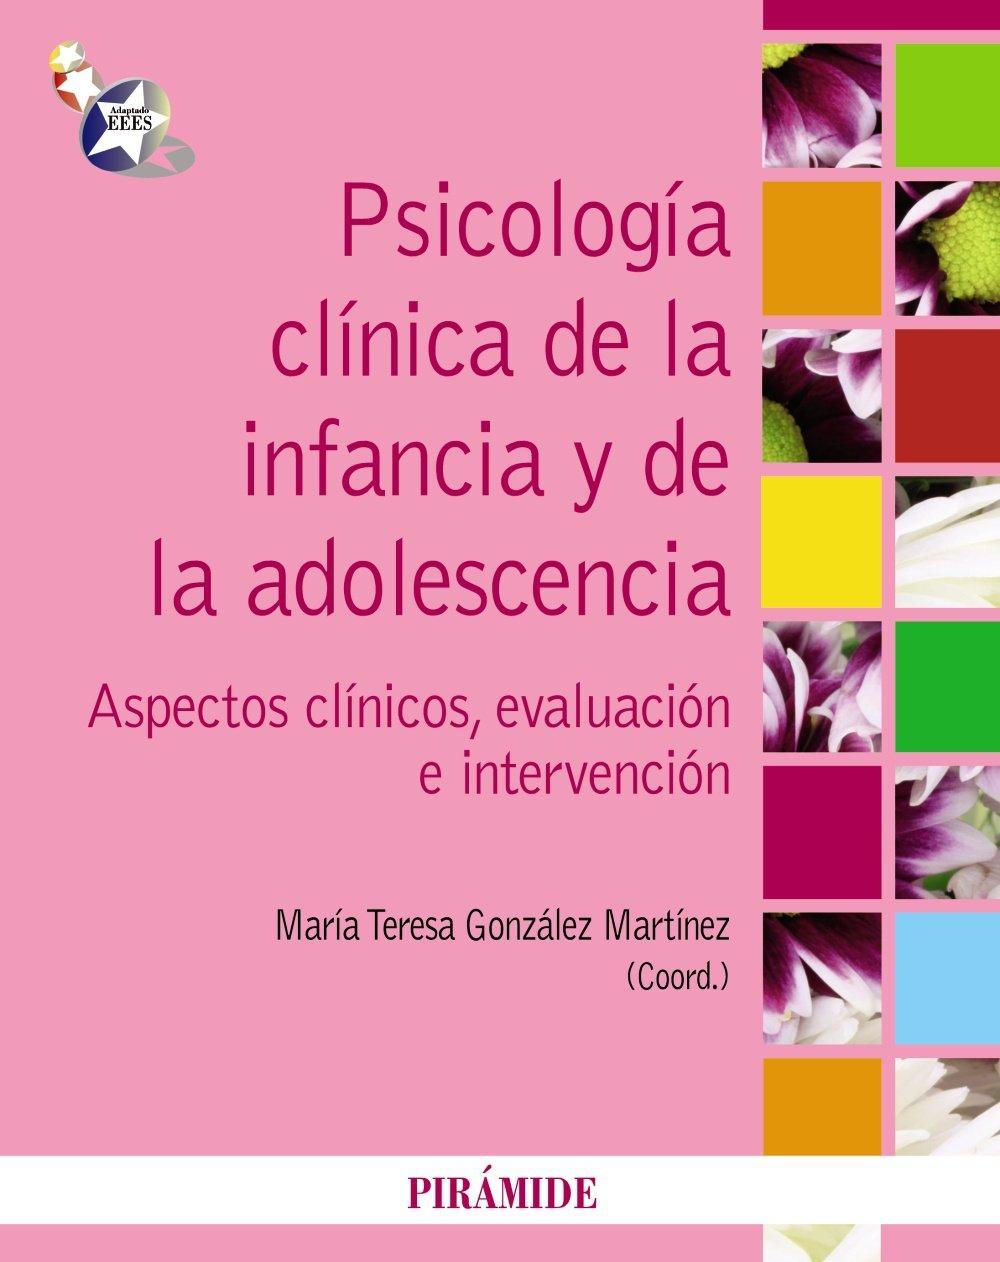 Psicologia de la adolescencia coleman pdf